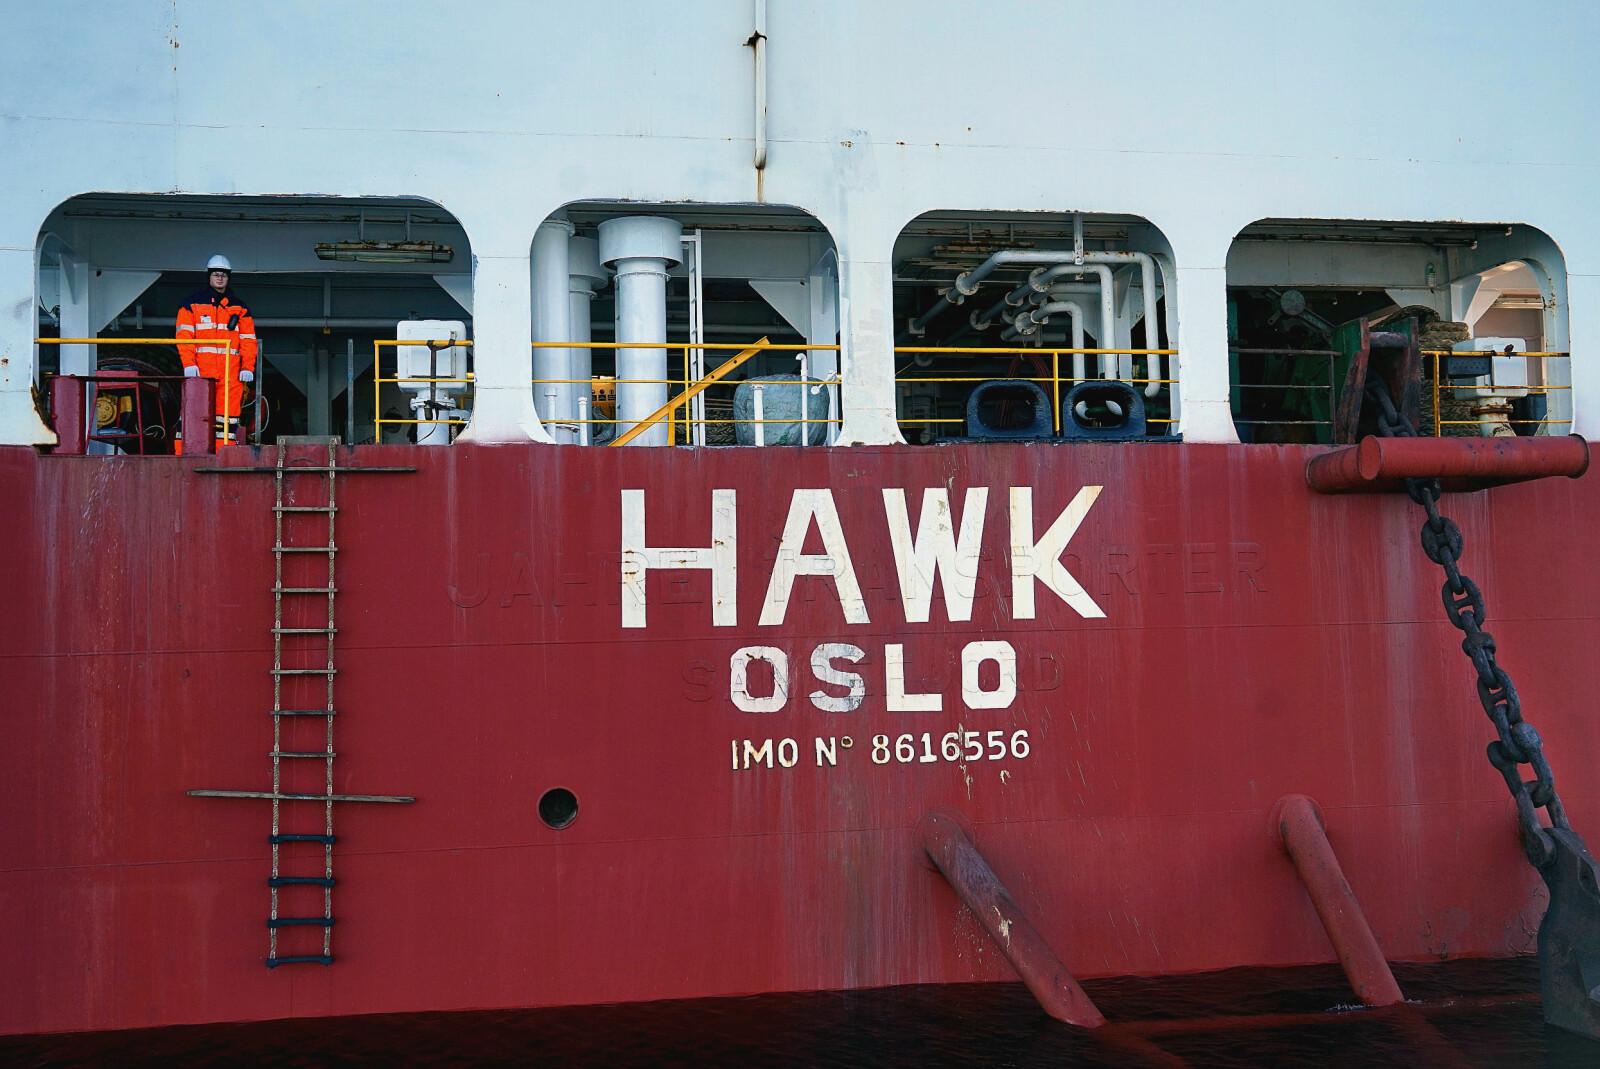 <b>VELKOMMEN:</b> Før avlasting gjennomgår frakteskipet Hawk såkalt balastering, hvor det pumpes inn enorme mengder vann slik at halve skipet senkes under vannoverflaten.